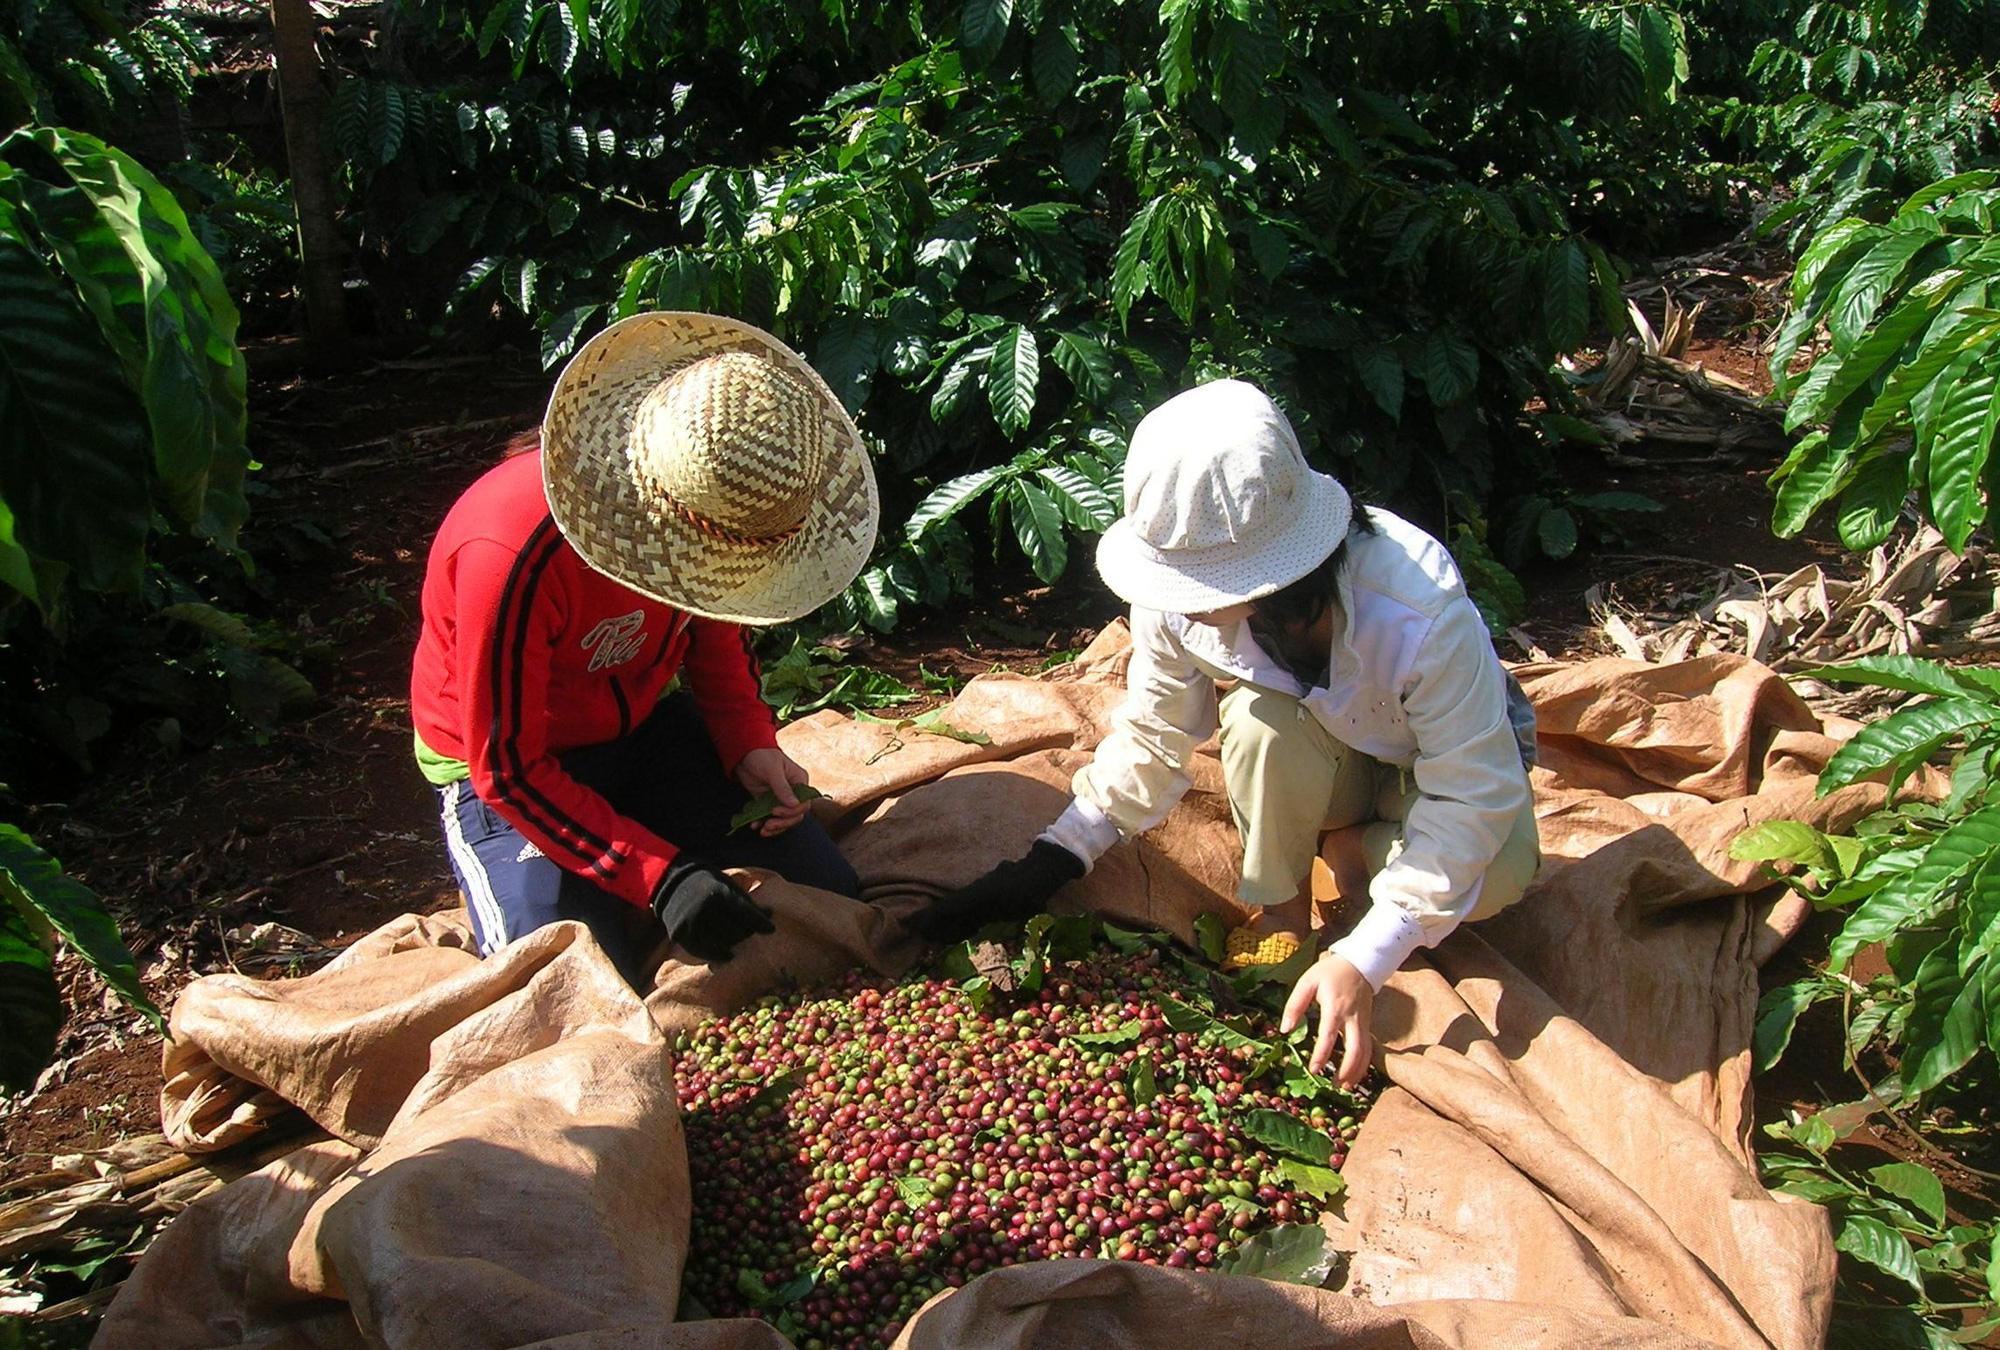 Ngành cà phê Việt Nam sẽ trỗi dậy mạnh mẽ nếu vượt qua thời kì khó khăn do COVID-19 - Ảnh 2.